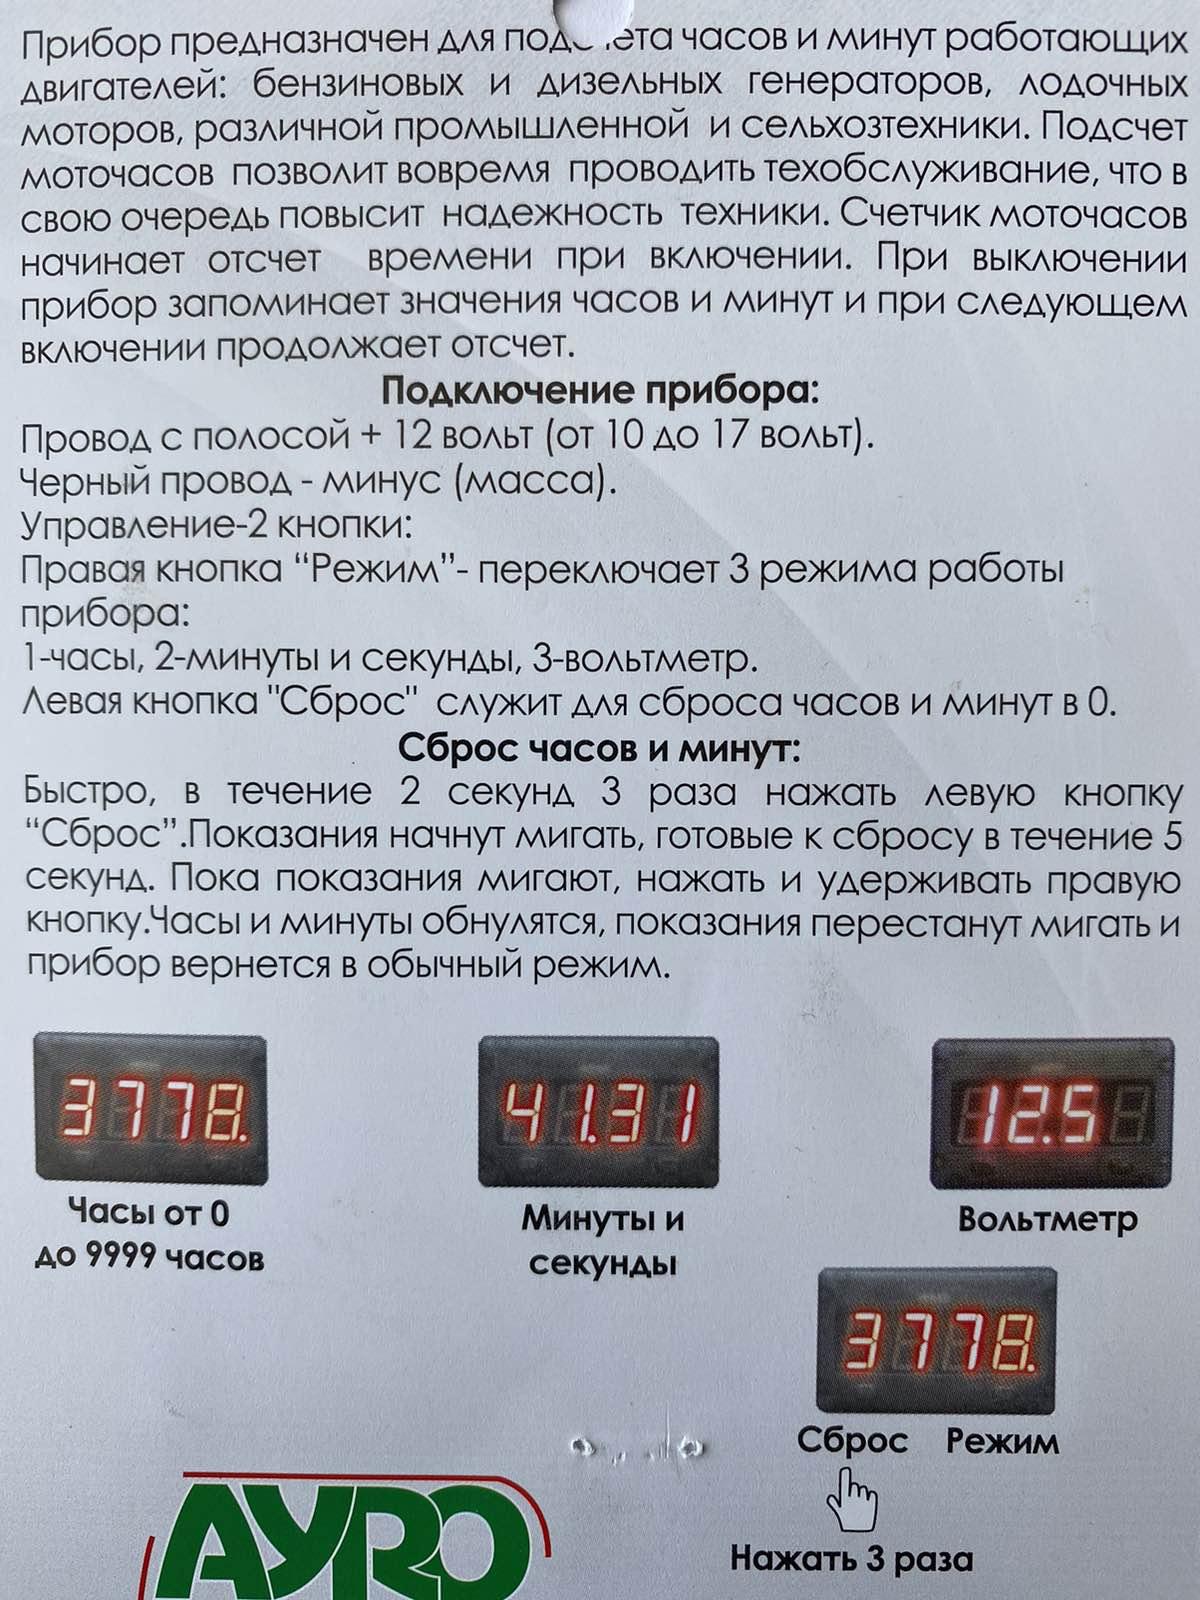 Фото Подключения счетчика моточасов